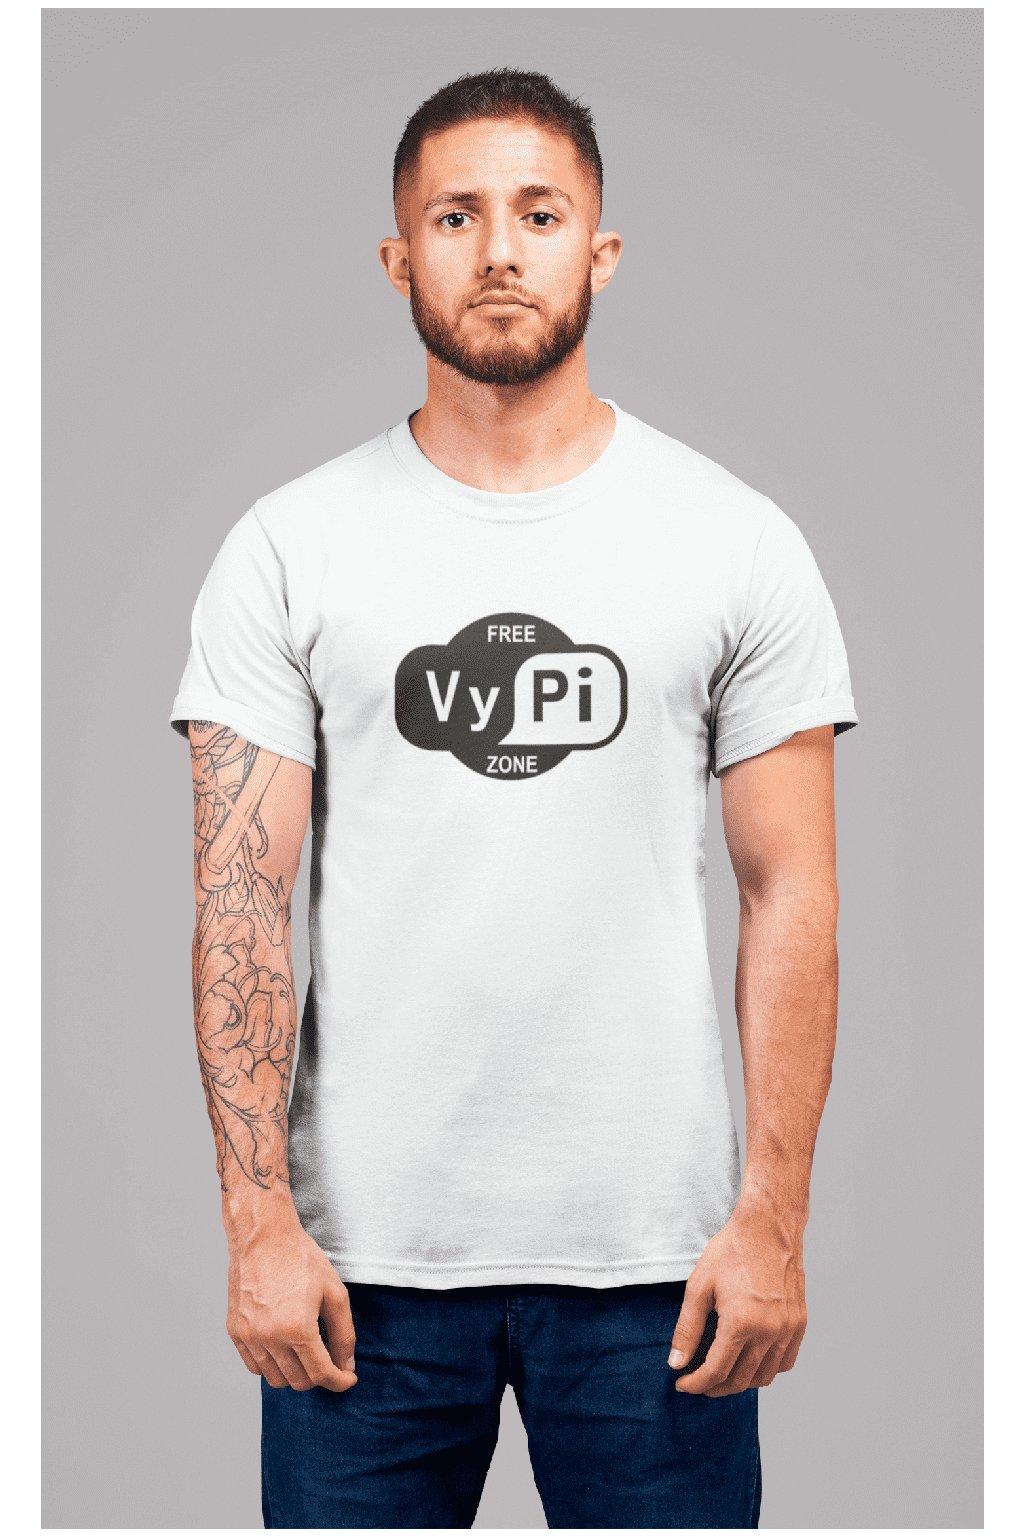 Pánske tričko Vypi ZONE